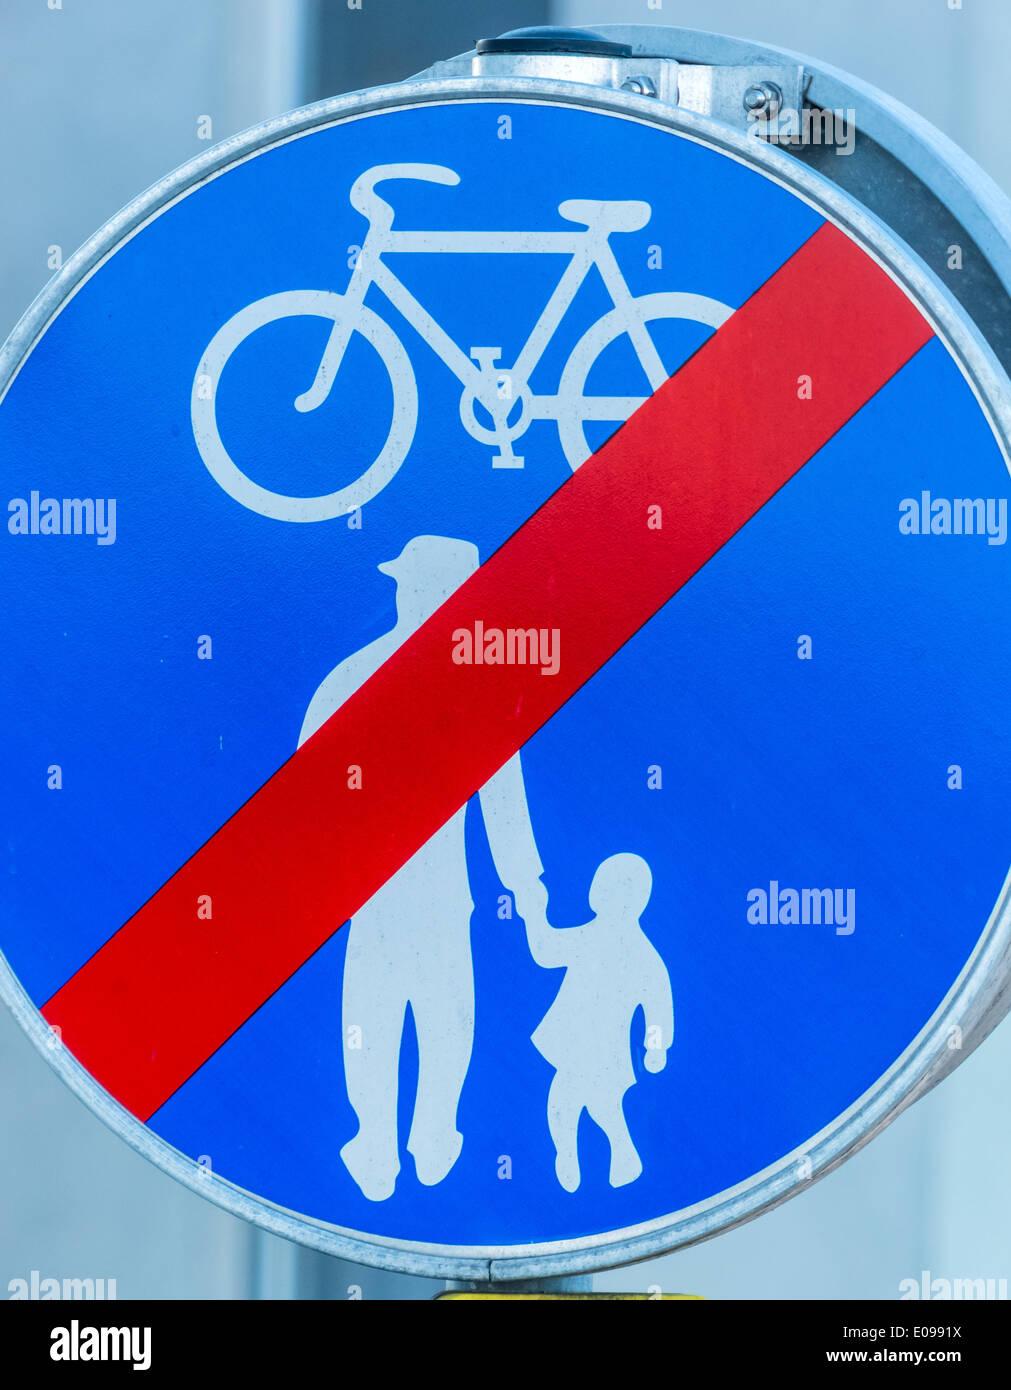 Sign fue cycle track and sidewalk. With each other in the traffic, Schild fue Radweg und Gehweg. Miteinander im Strassenverkehr - Stock Image